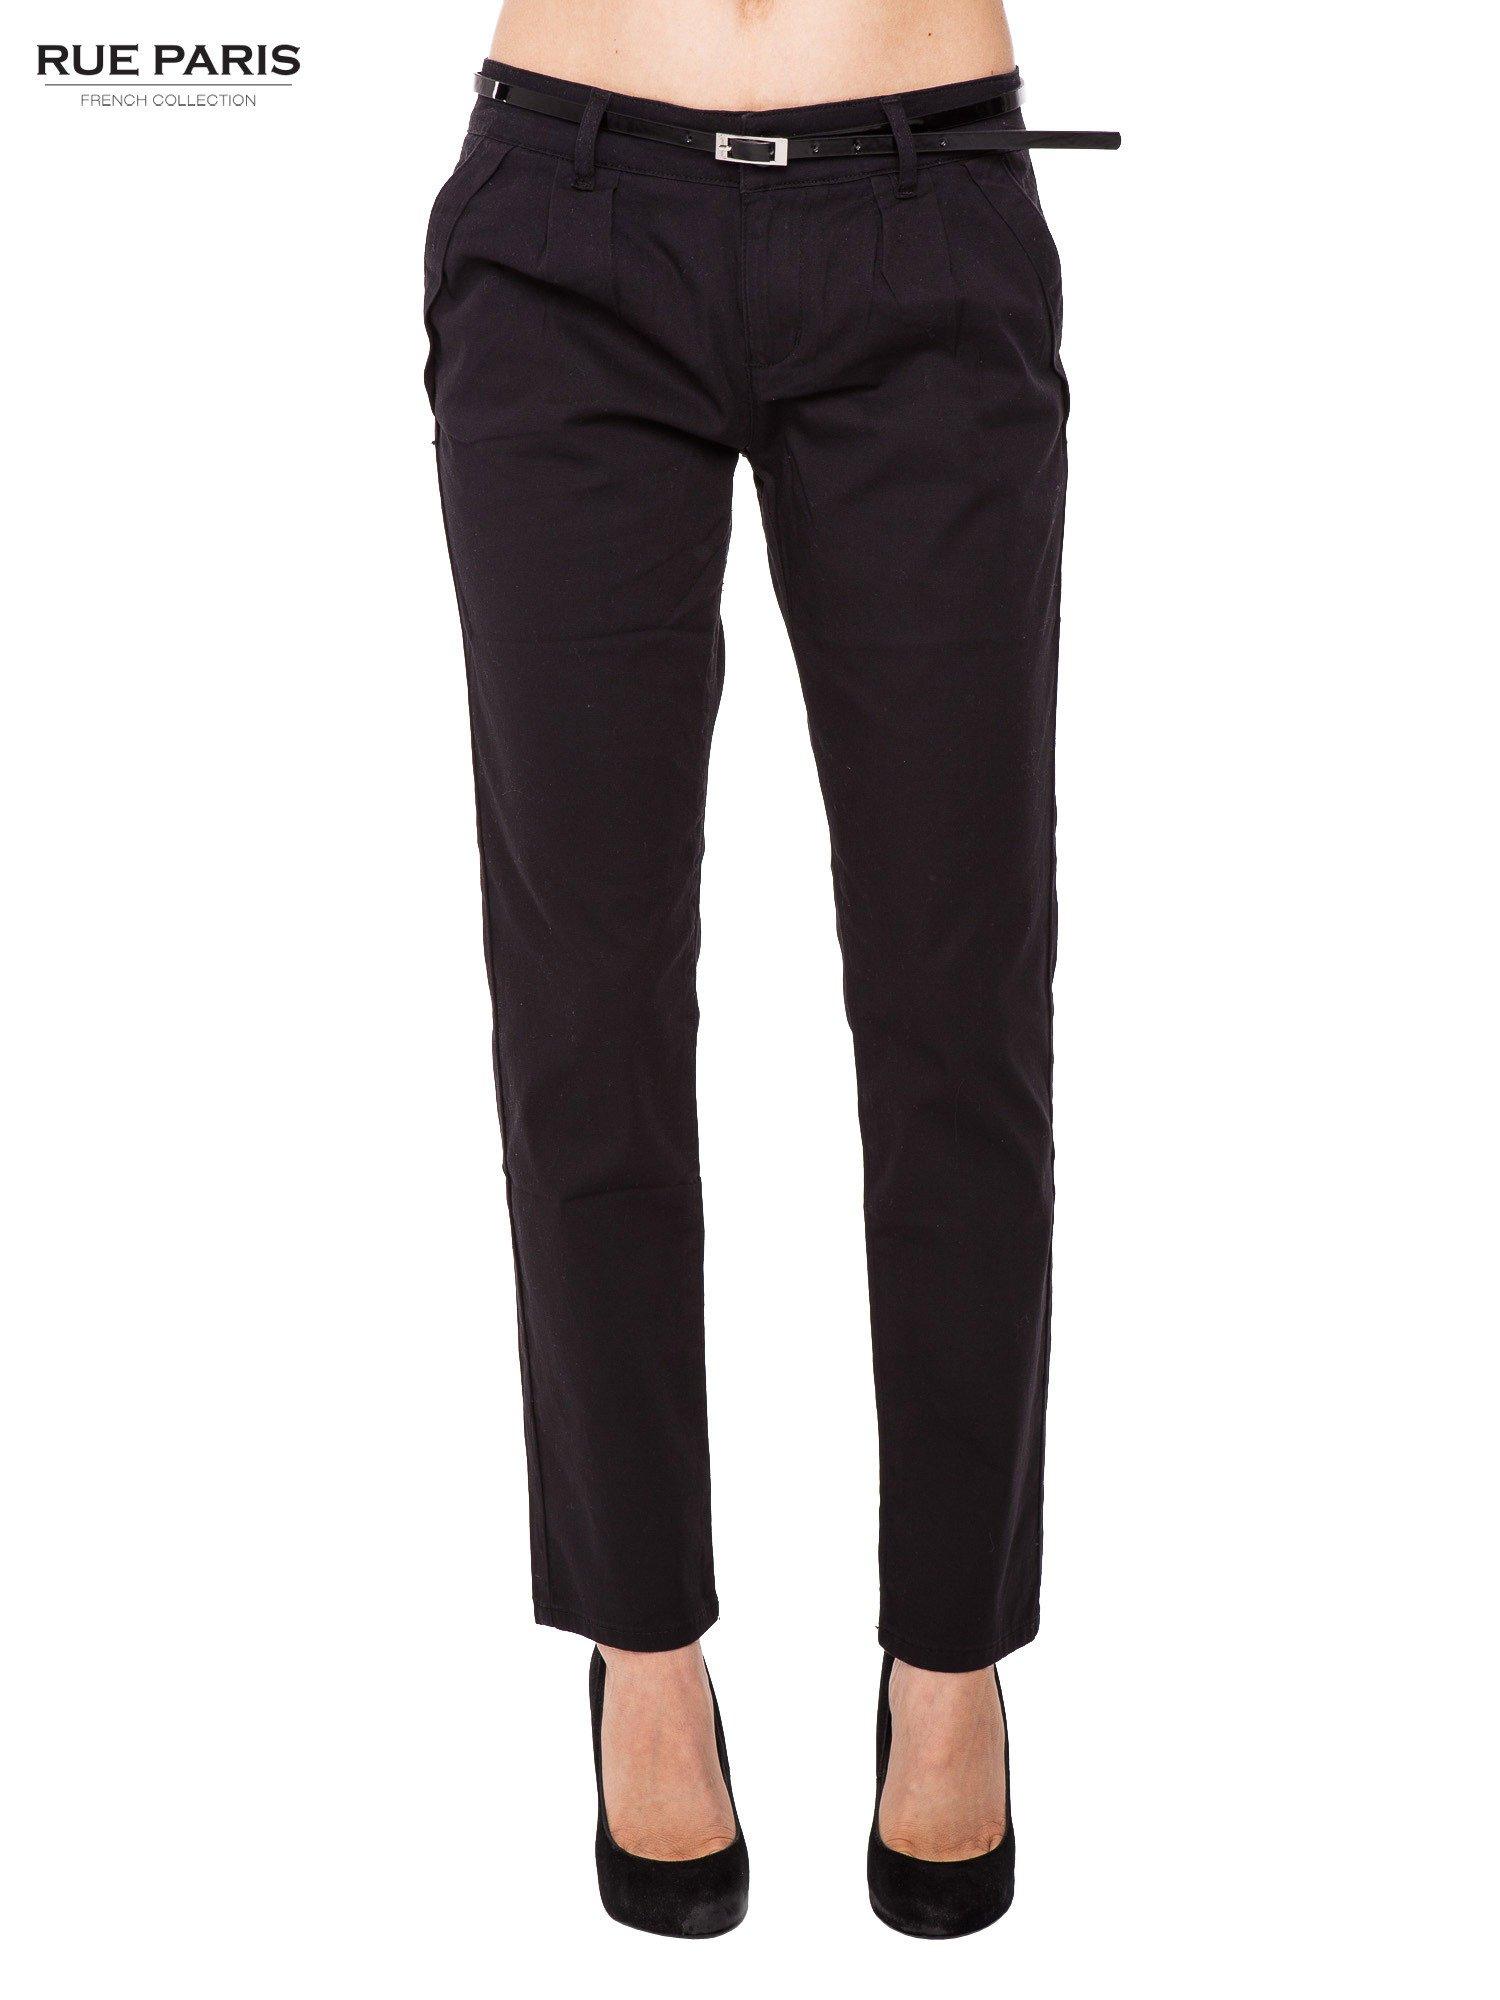 Czarne proste spodnie z paskiem                                  zdj.                                  2